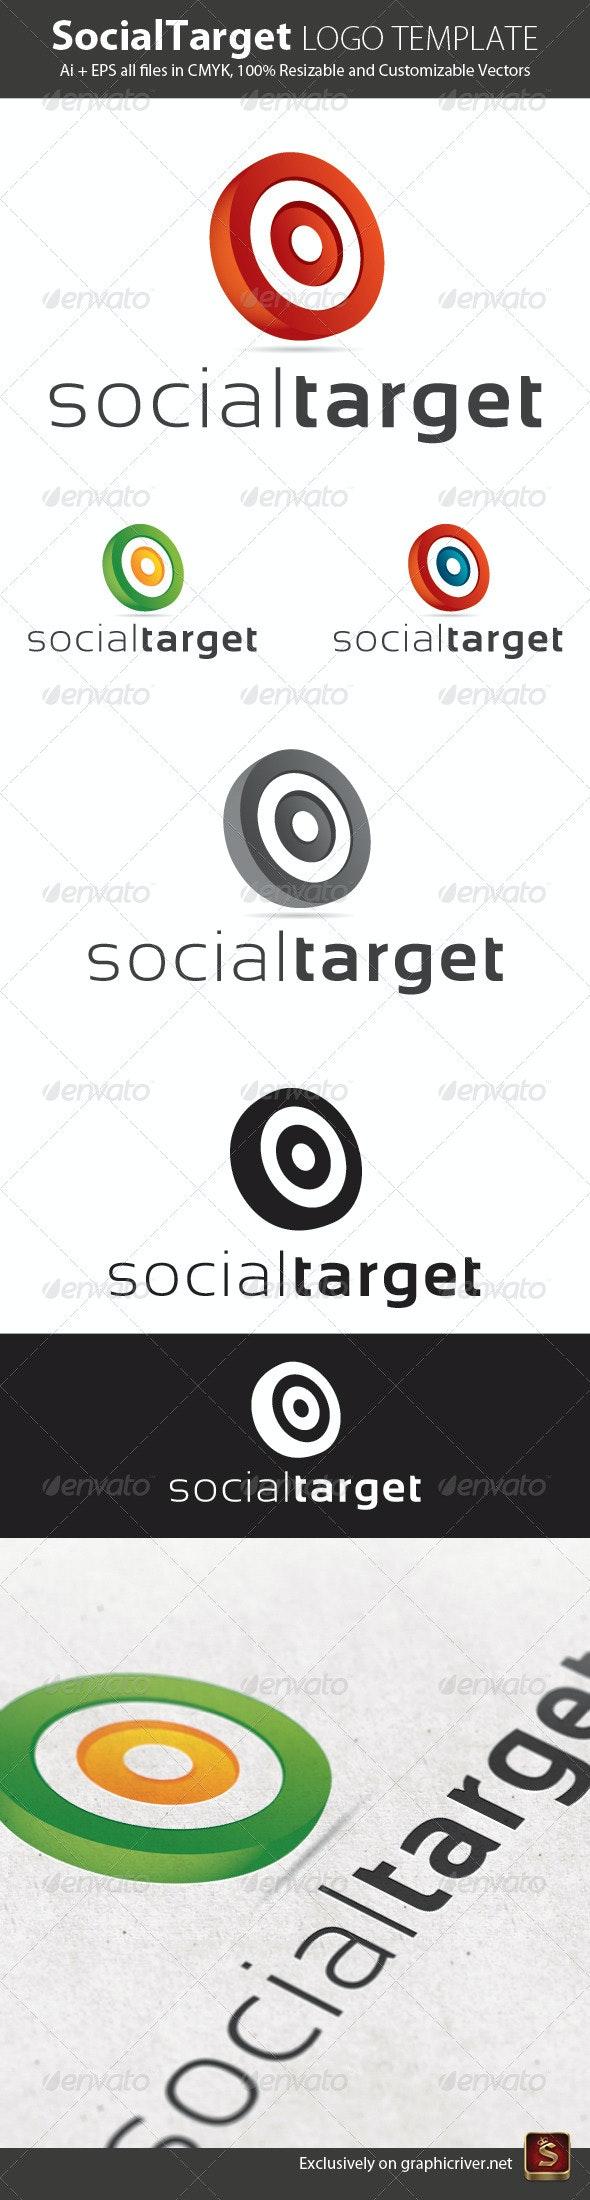 Social Target Logo Template - Vector Abstract